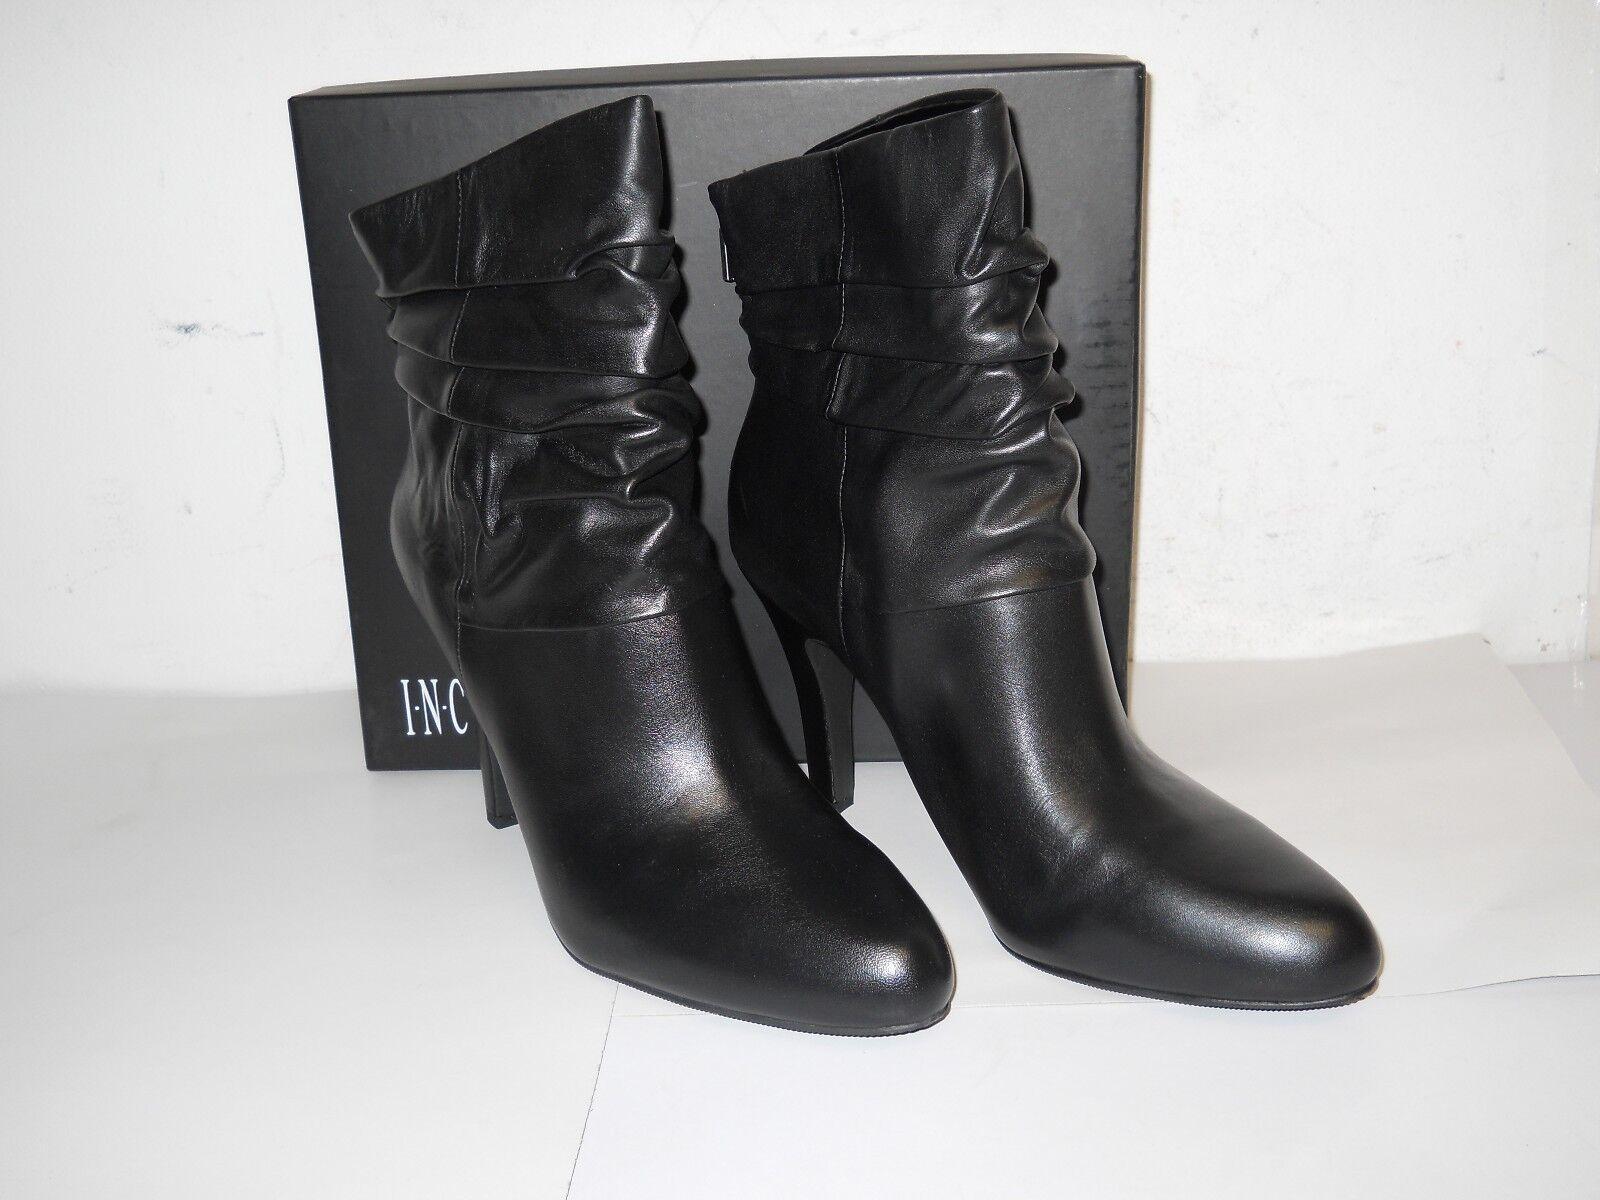 Conceptos internacionales incluido nuevo para mujer de cuero zapatos botas ácida Negro 9.5 M Nuevo Con Caja